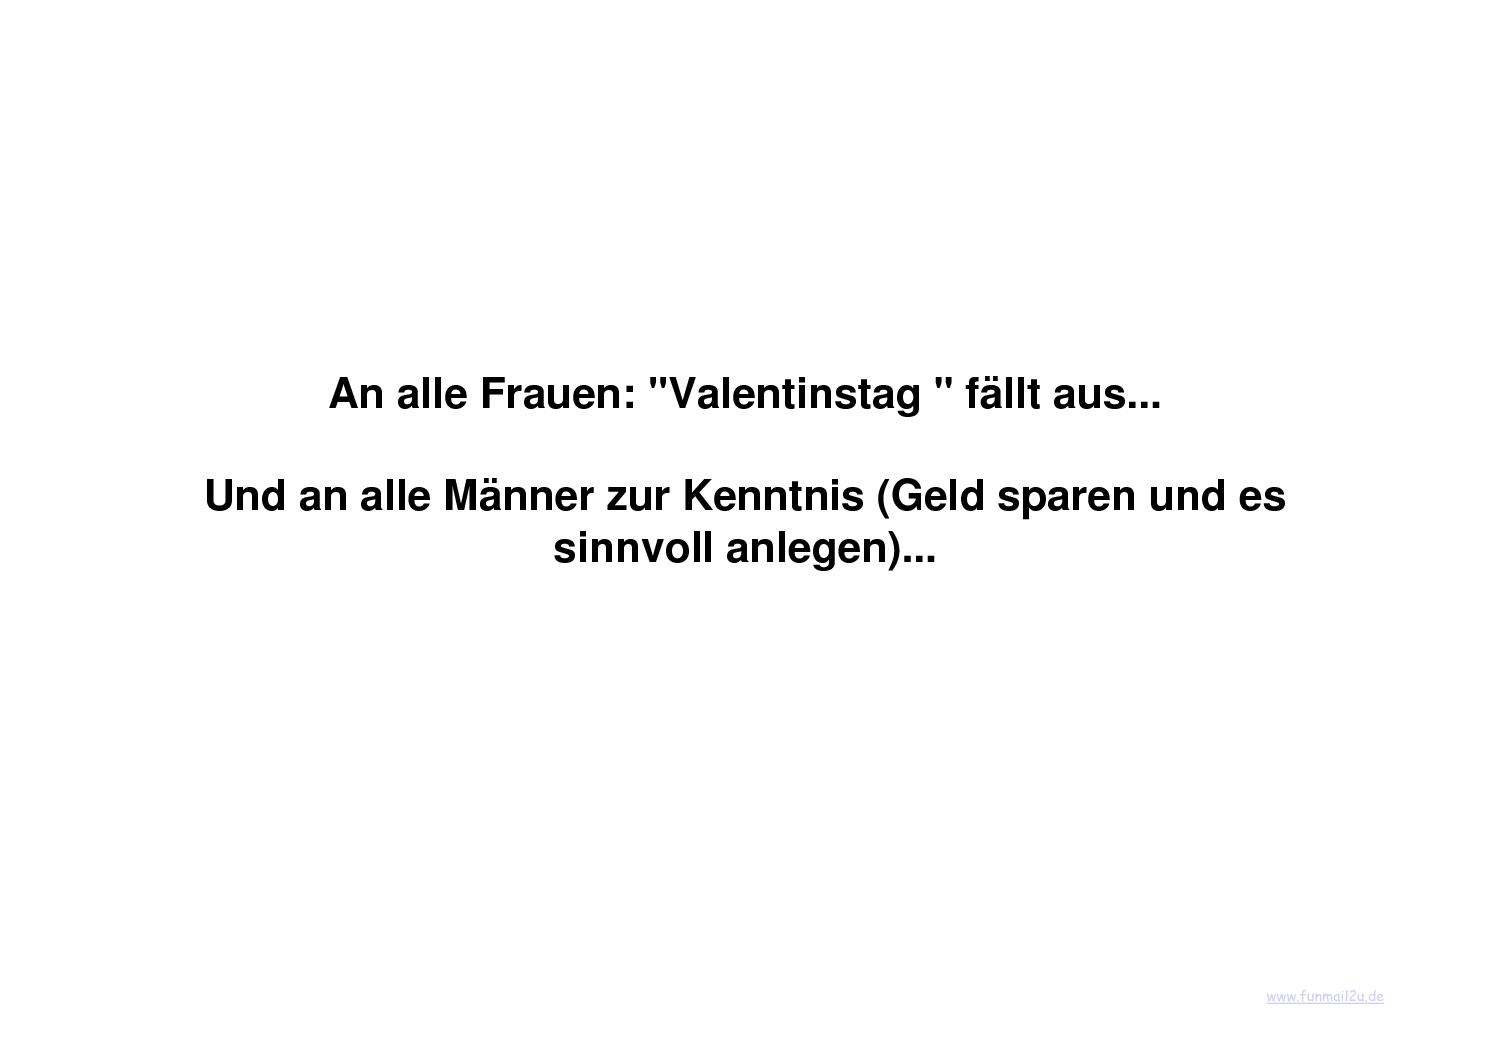 valentinstag_faellt_aus_1.jpg